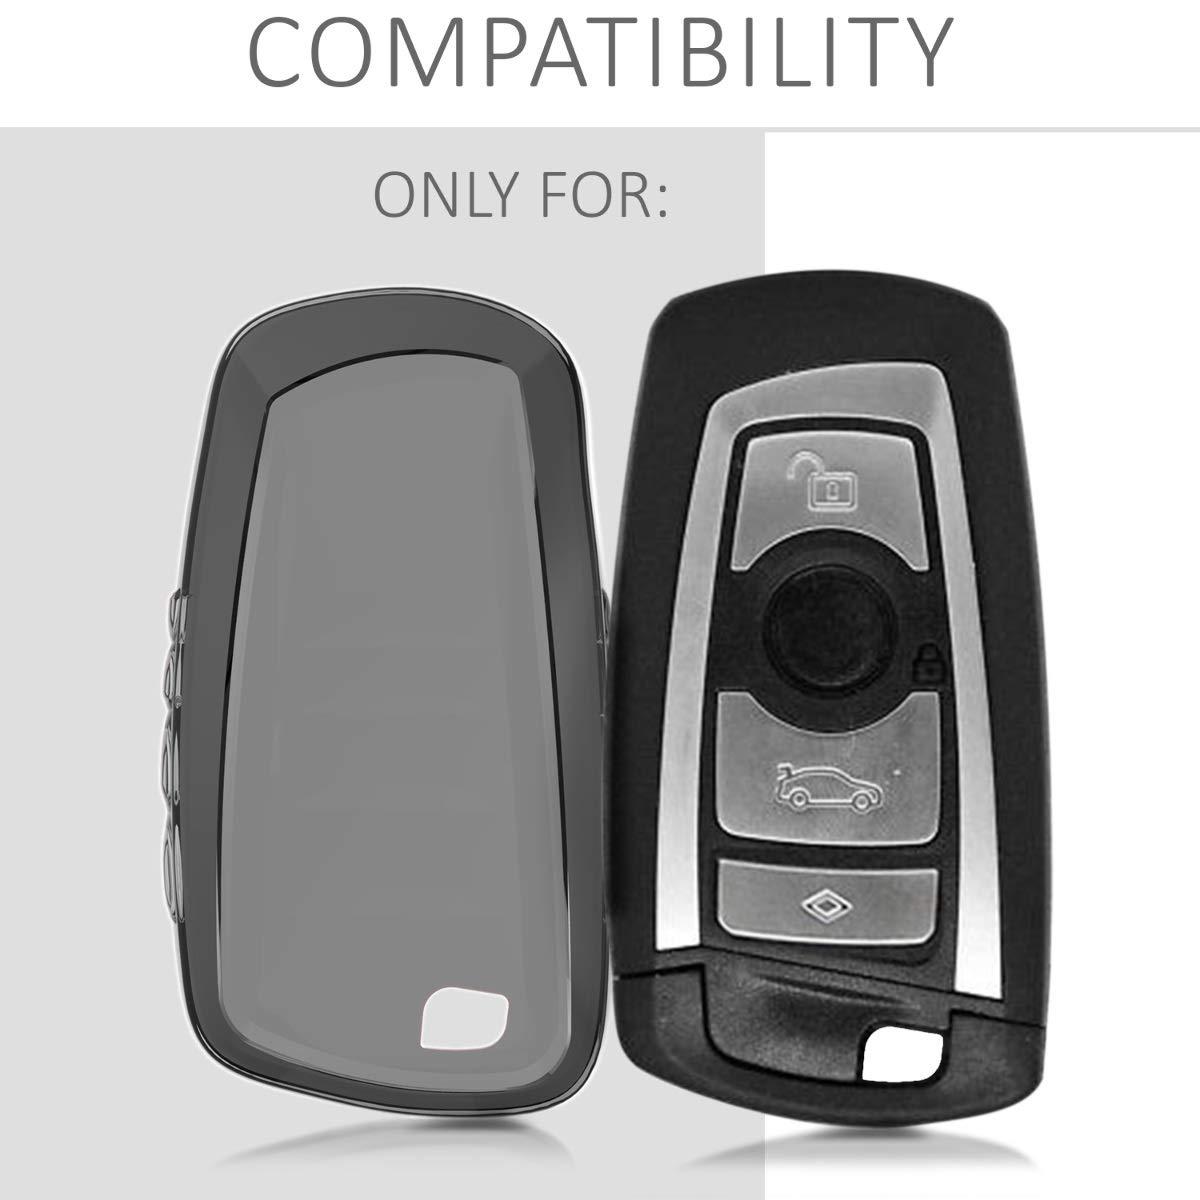 Trasparente - Cover Chiave Auto in Silicone TPU kwmobile Custodia Protettiva per Chiave Controllo remoto BMW con 3 Tasti Guscio Elastico Protezione per Chiave BMW Solo Keyless Go